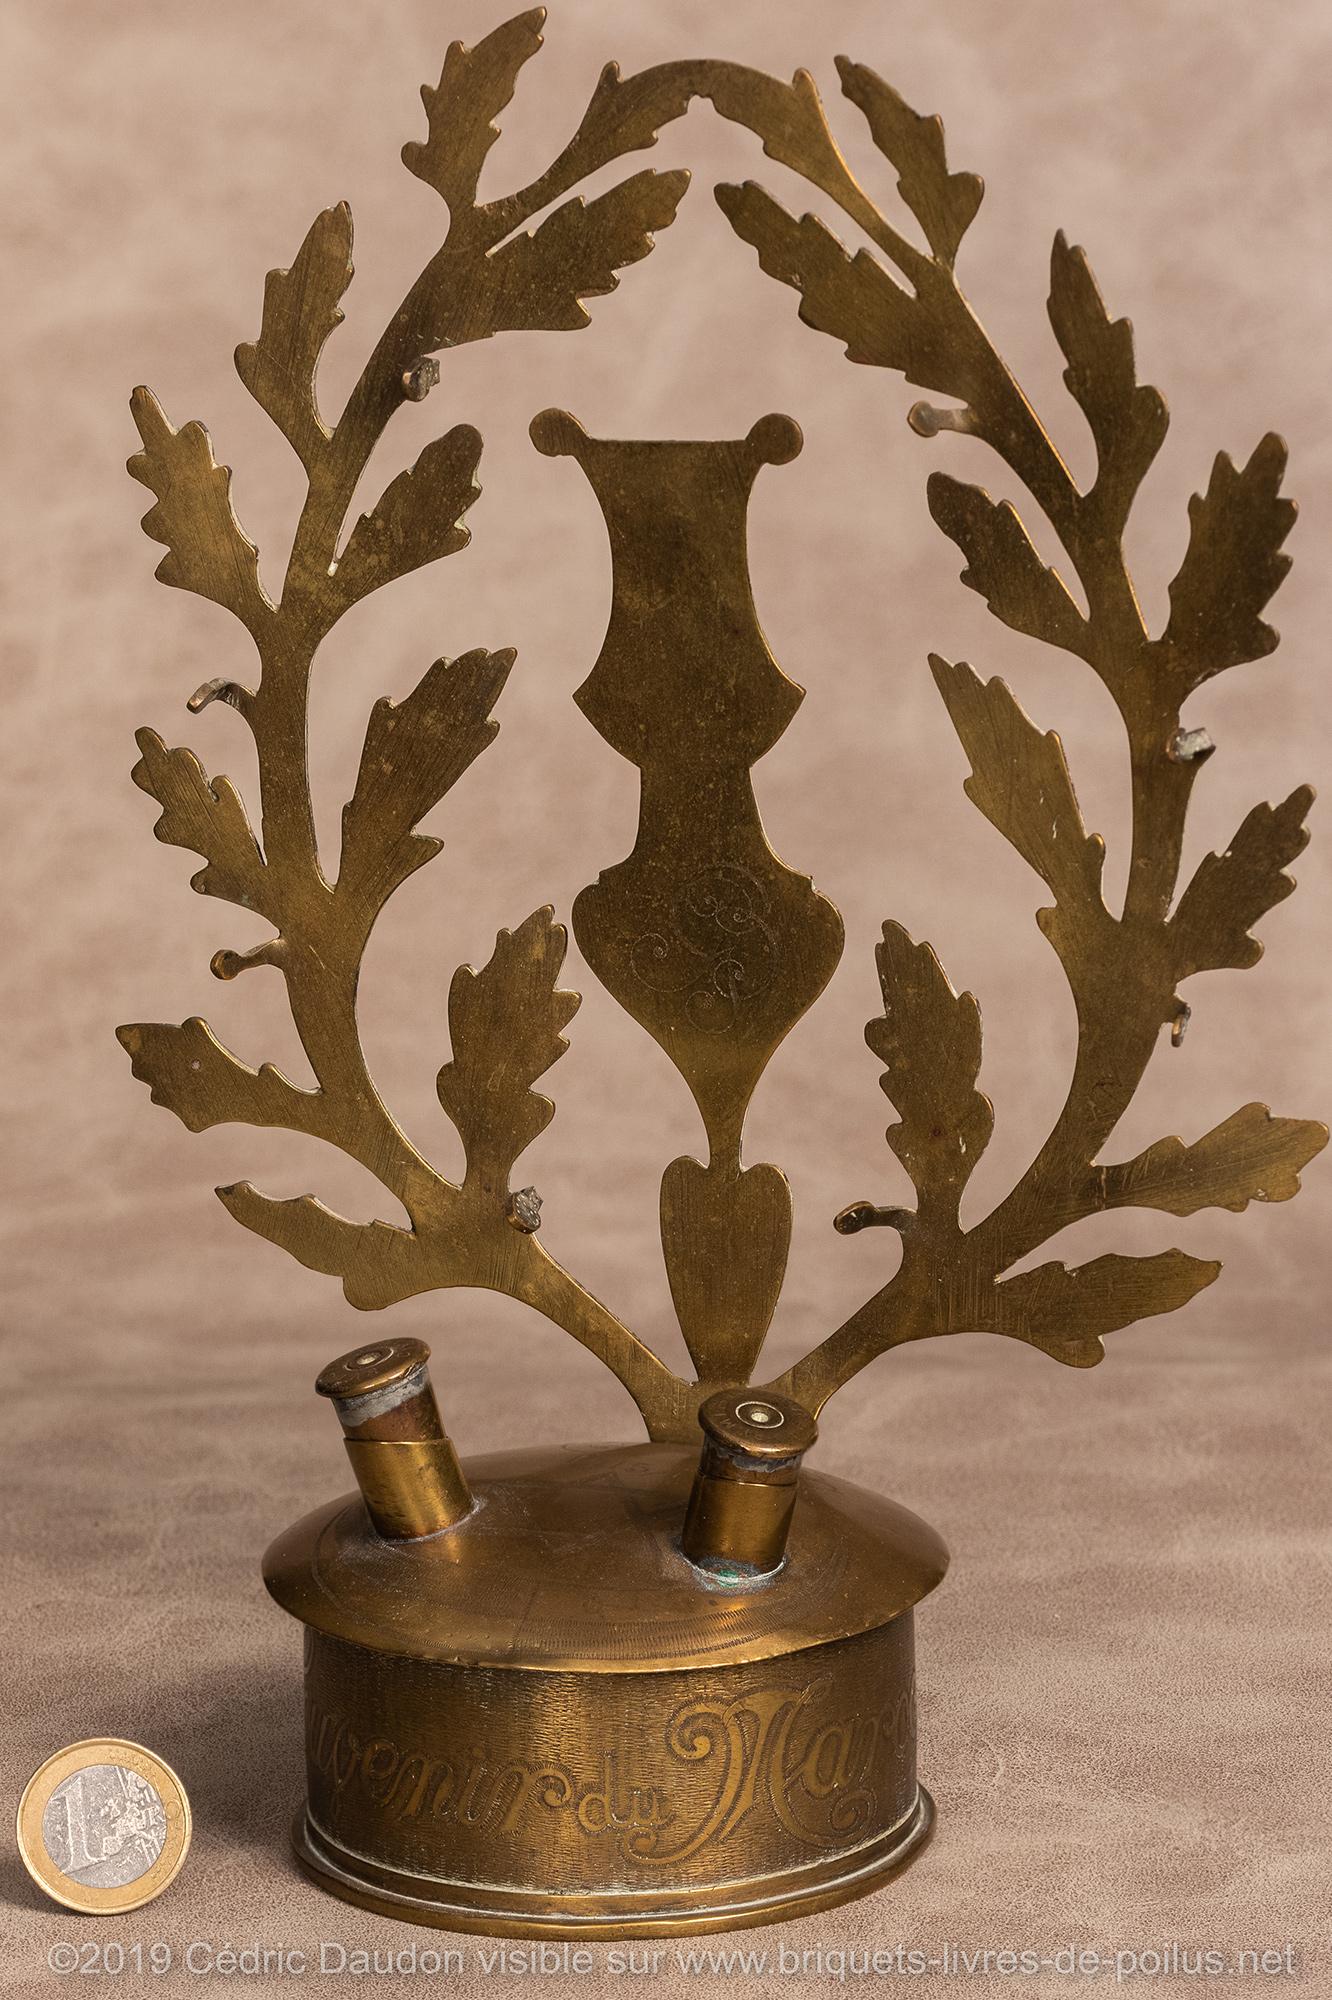 Culot de douille de 75 millésime 1908. Gravure « Souvenir du Maroc Khénifra 1915 1916 » avec croissant et étoile des troupes coloniales.